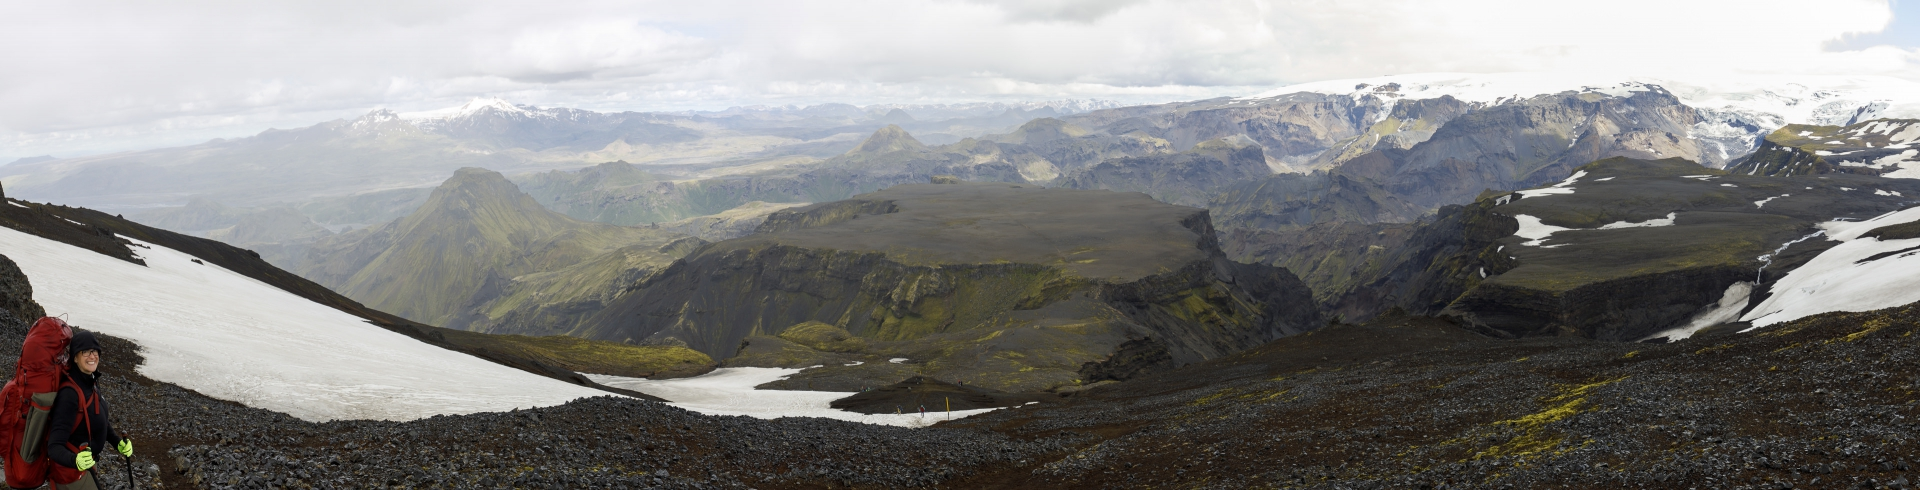 Goðaland liegt zu unseren Füßen